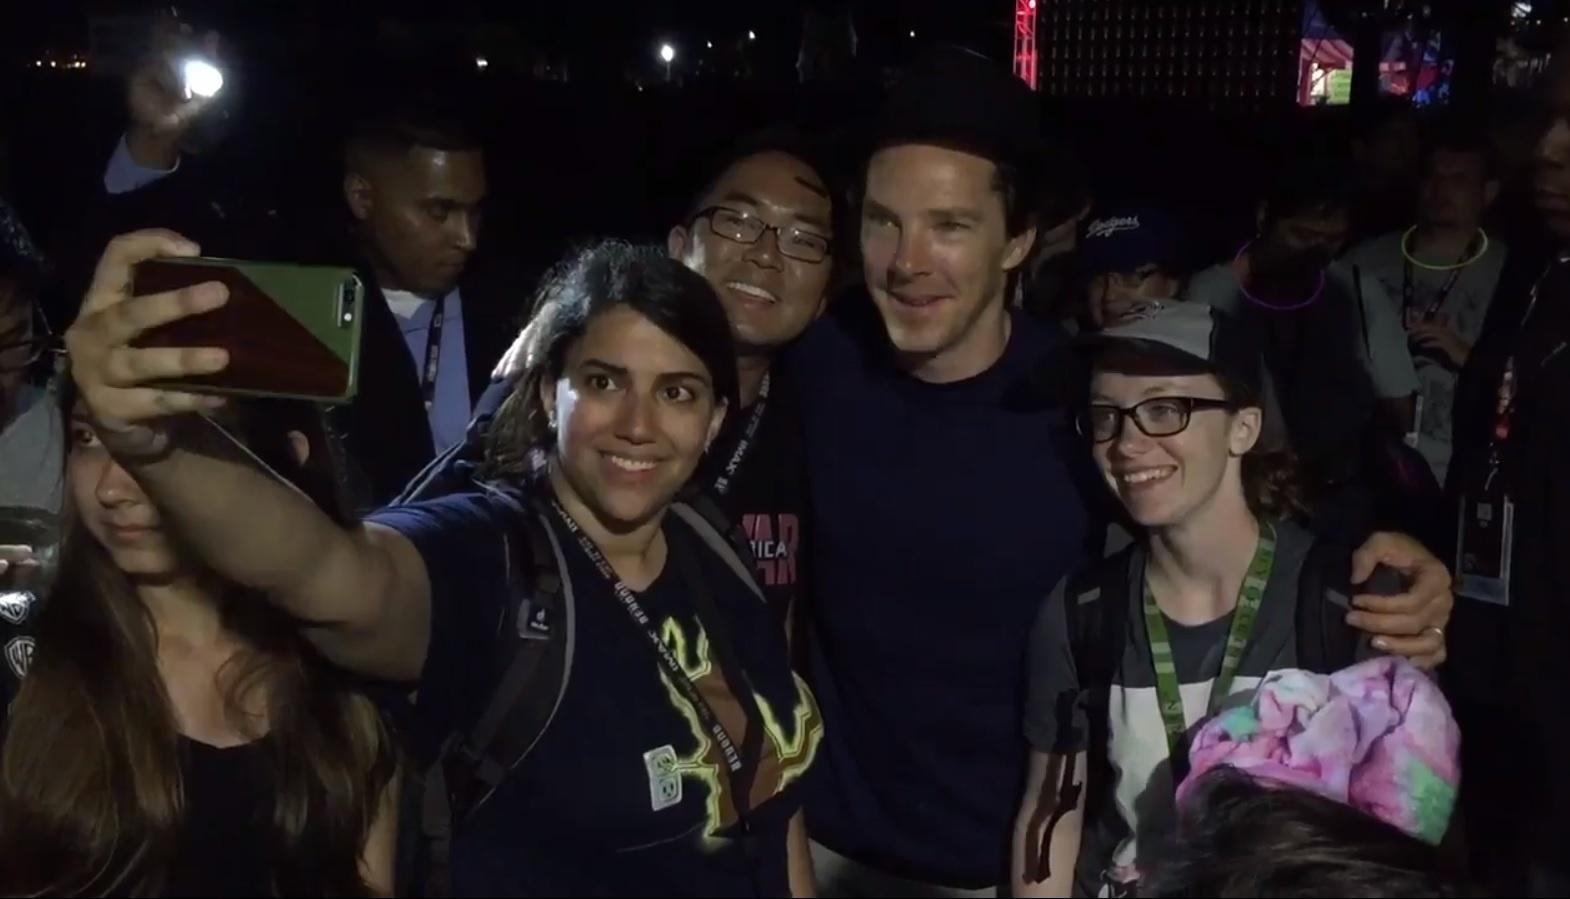 22.jul.2016 - O ator britânico Benedict Cumberbatch aparece de surpresa na San Diego Comic-Con 2016 e faz a festa dos fãs. O ator deve participar do painel do